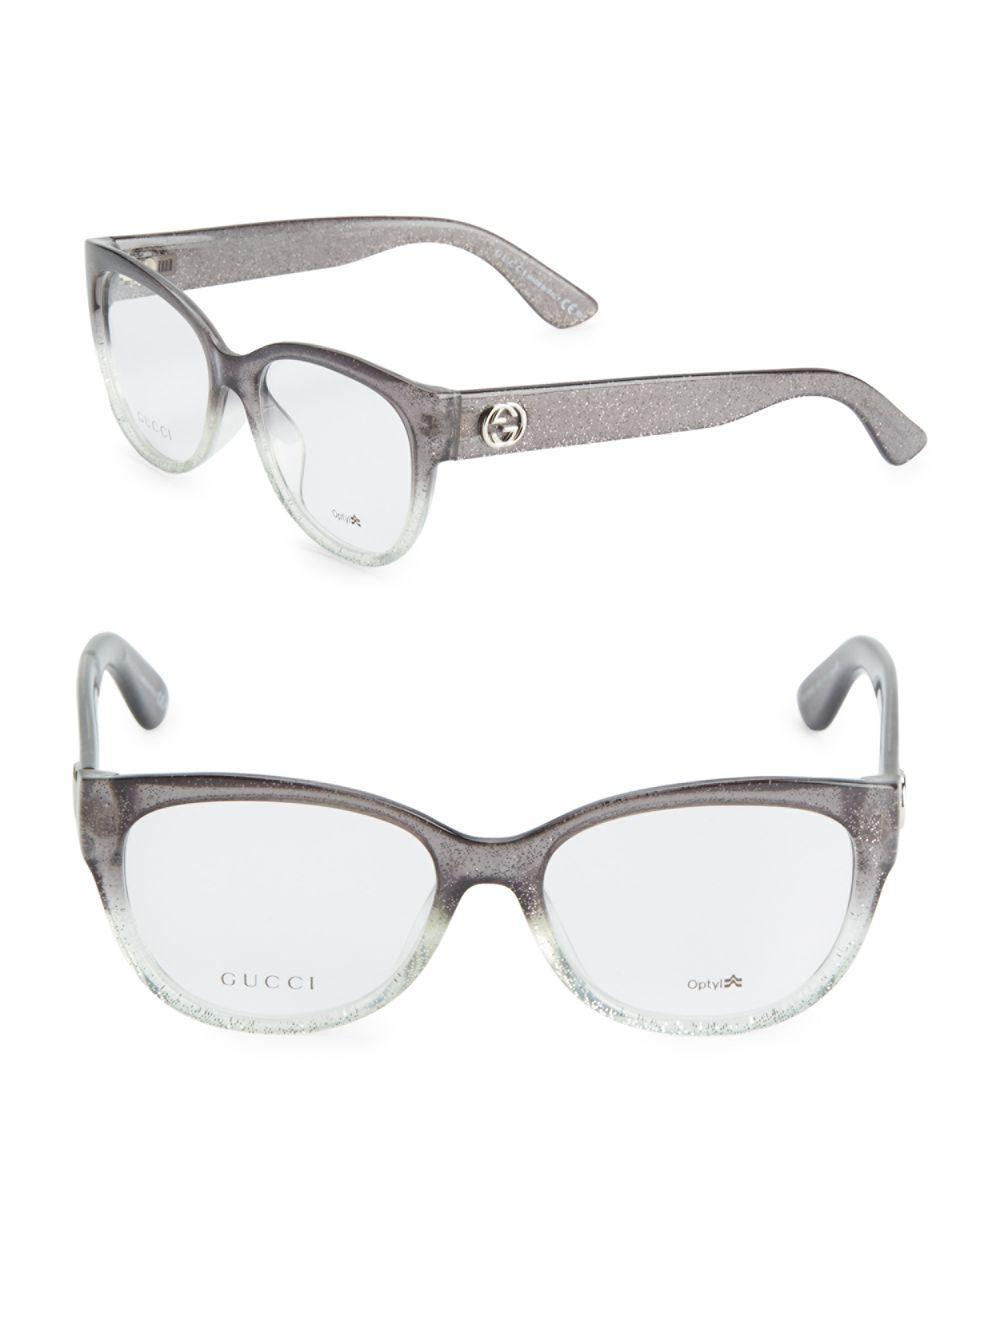 beb930f9e3 Gucci Glitter Eyeglasses